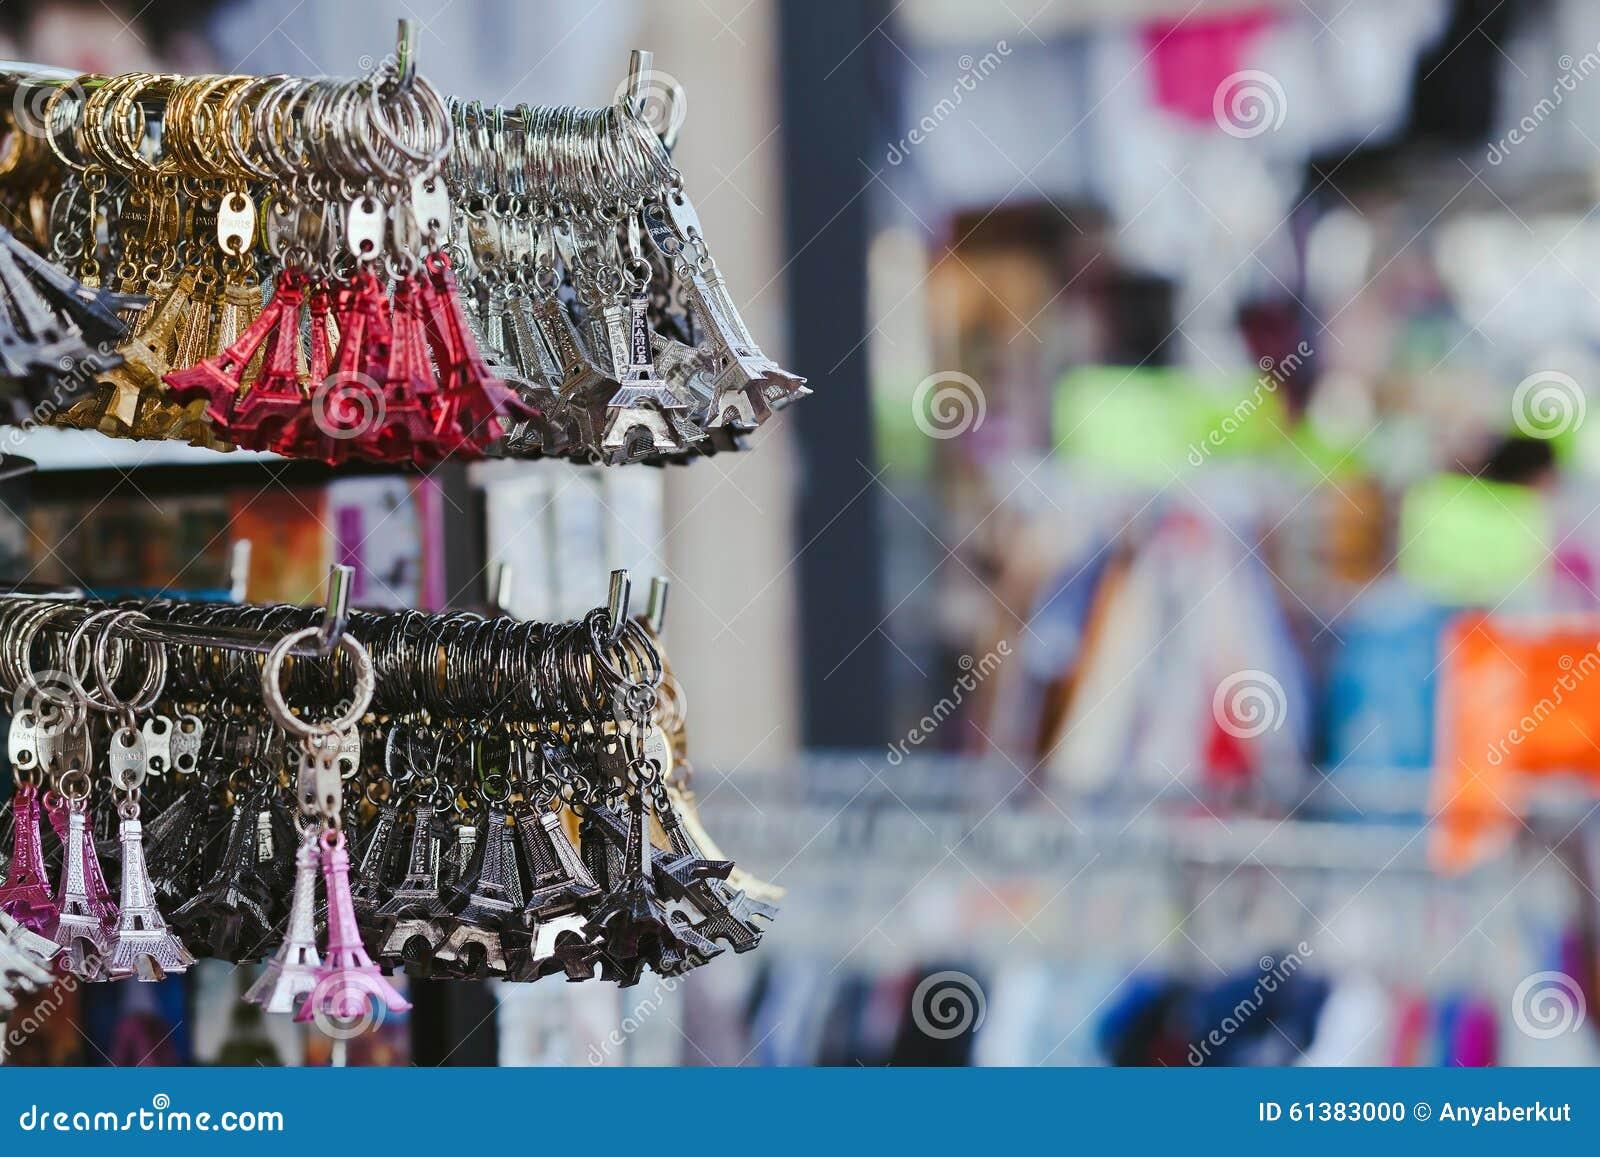 souvenir shop in paris stock photo image 61383000. Black Bedroom Furniture Sets. Home Design Ideas